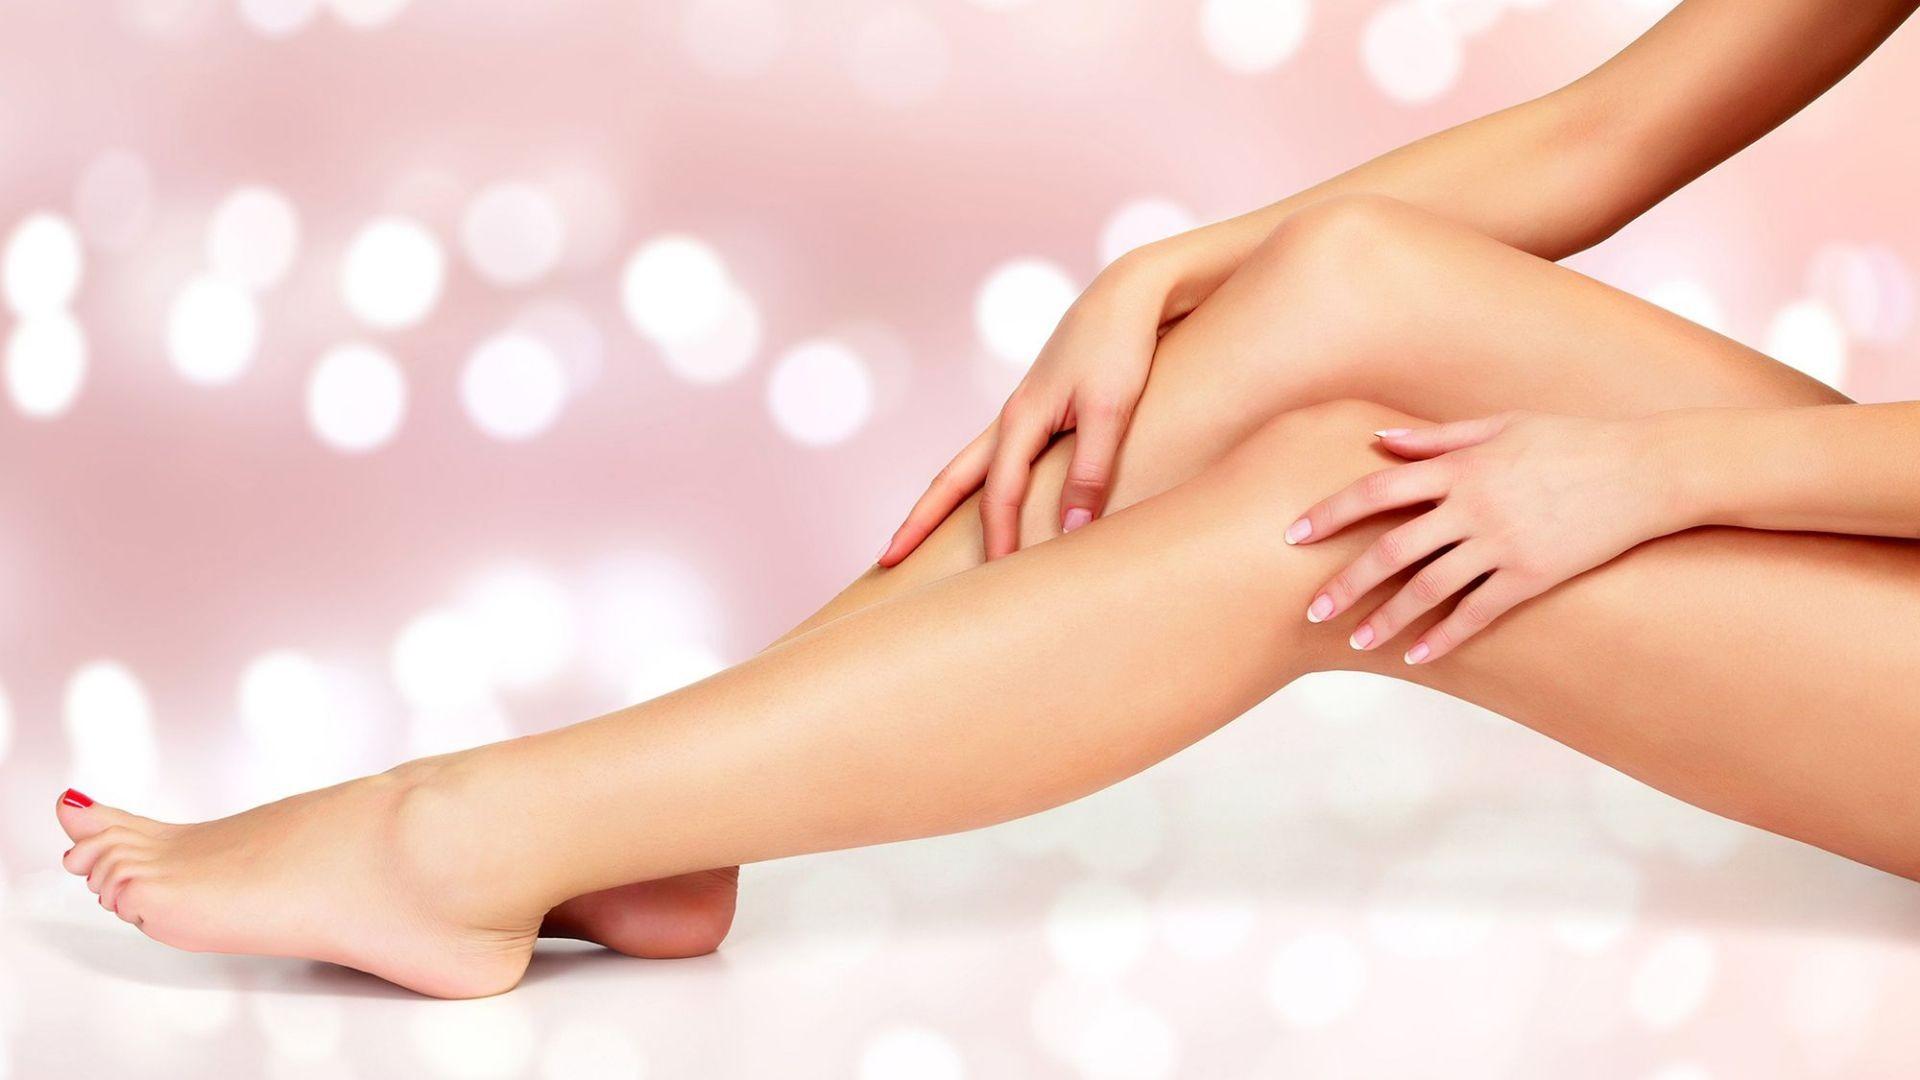 000 depilación láser piernas belleza estetica corporal